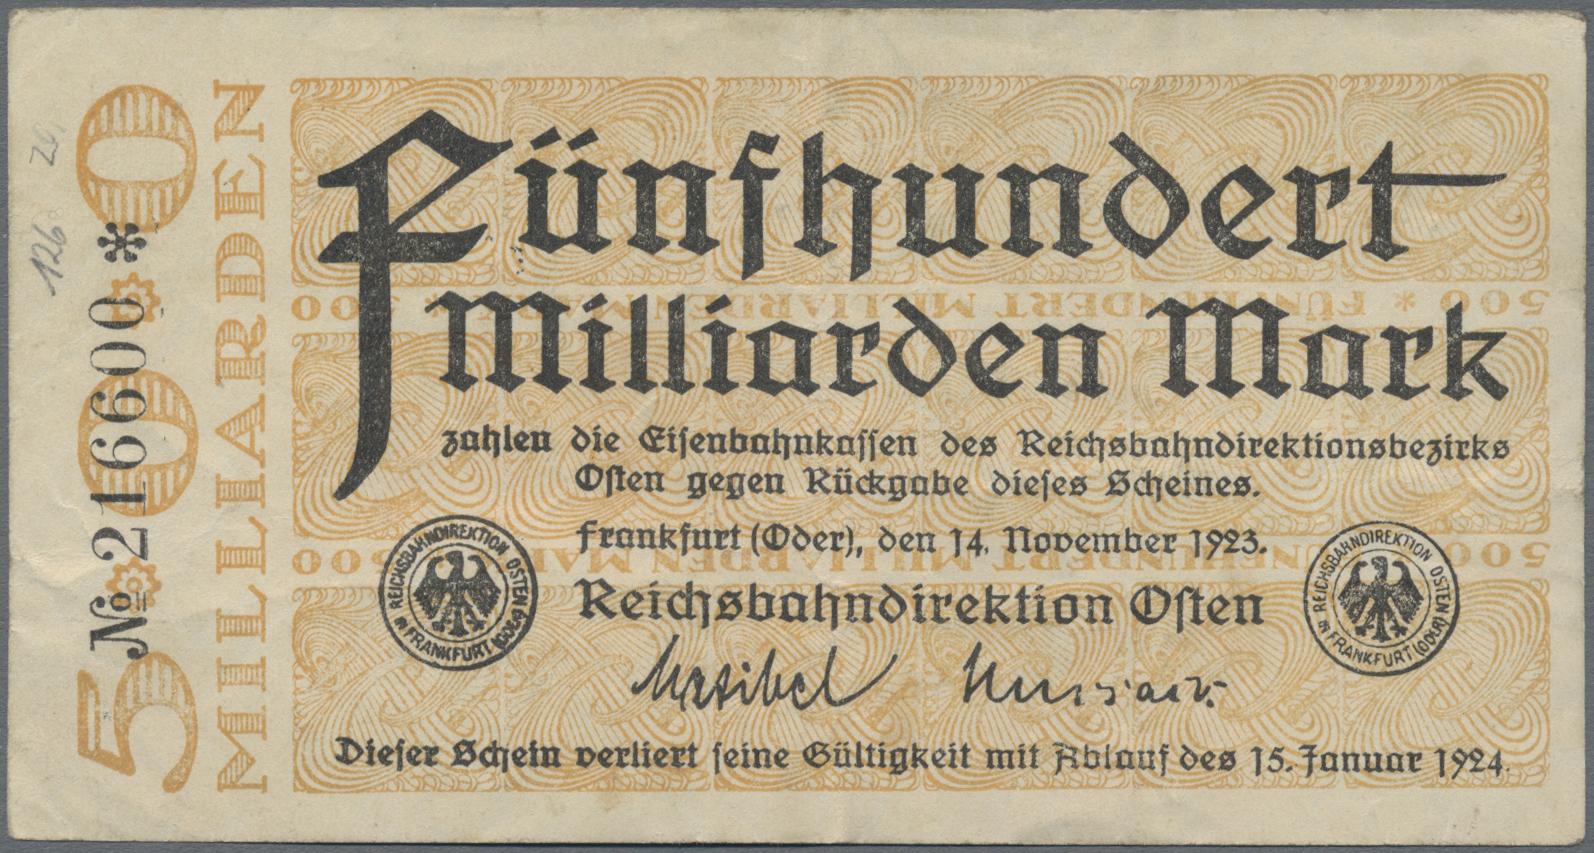 Lot 01402 - Deutschland - Reichsbahn / Reichspost | Banknoten  -  Auktionshaus Christoph Gärtner GmbH & Co. KG Sale #48 The Banknotes